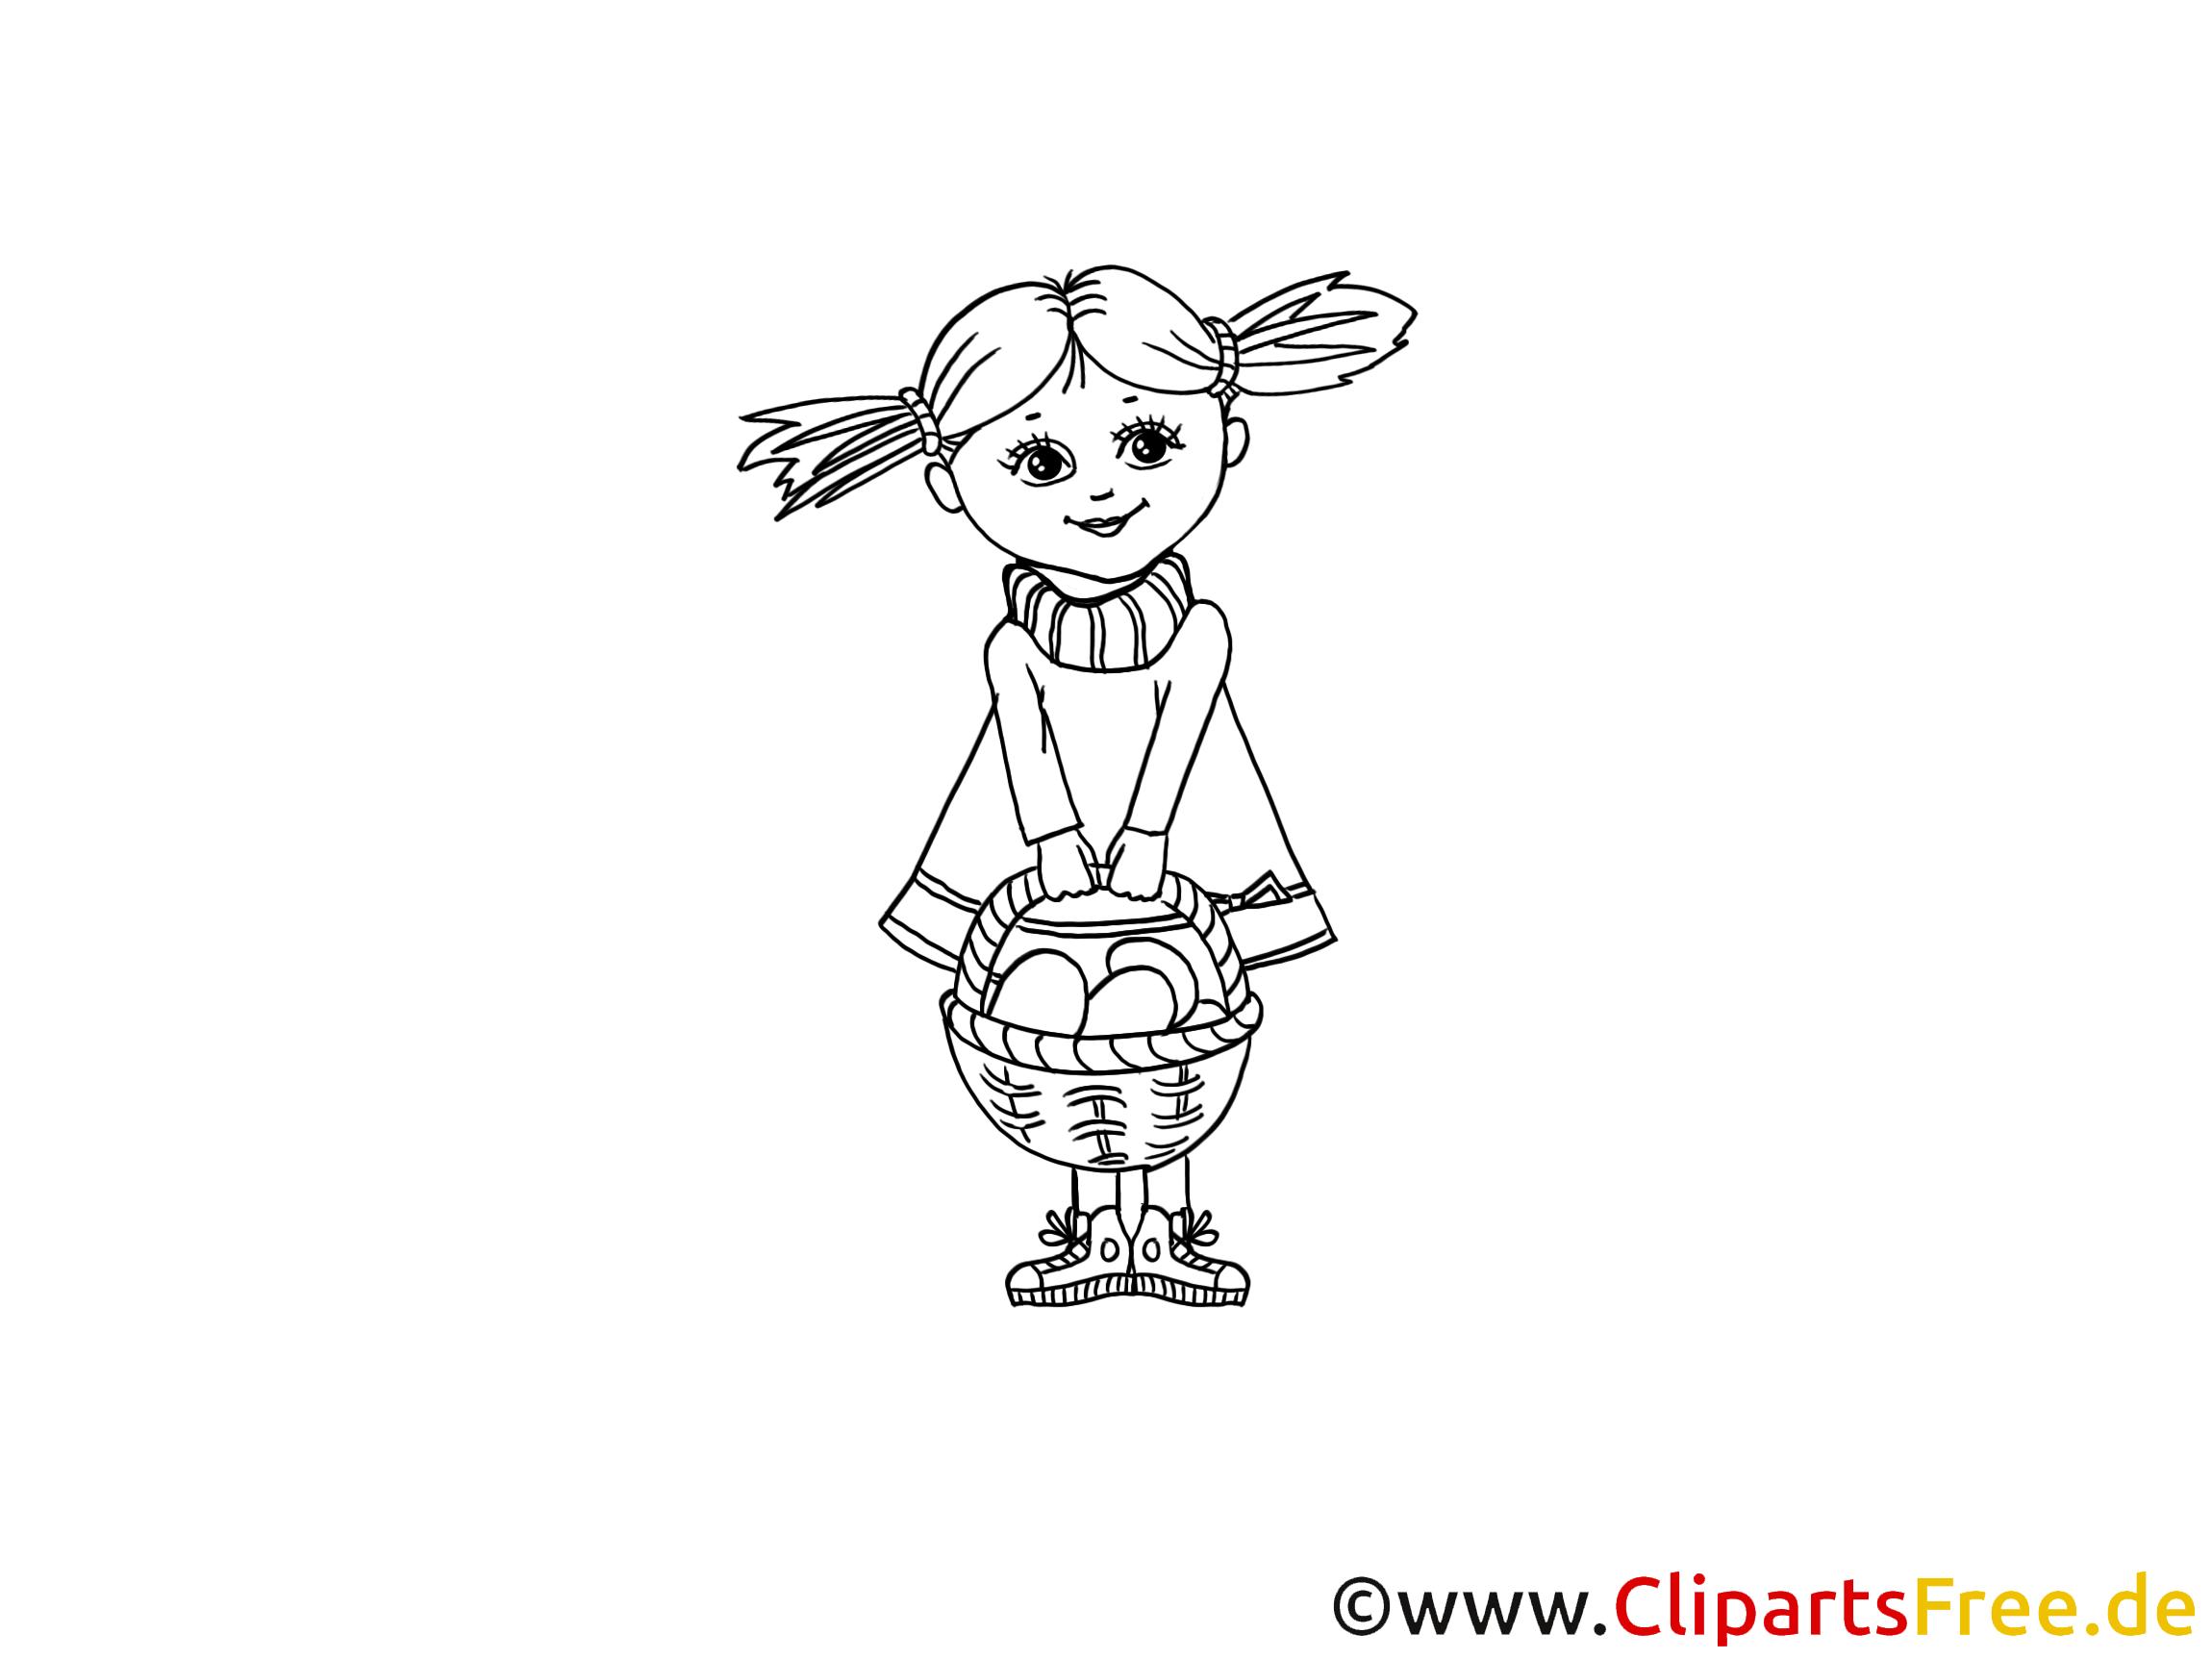 Ostern Ausmalbild PDF Mädchen mit Korb